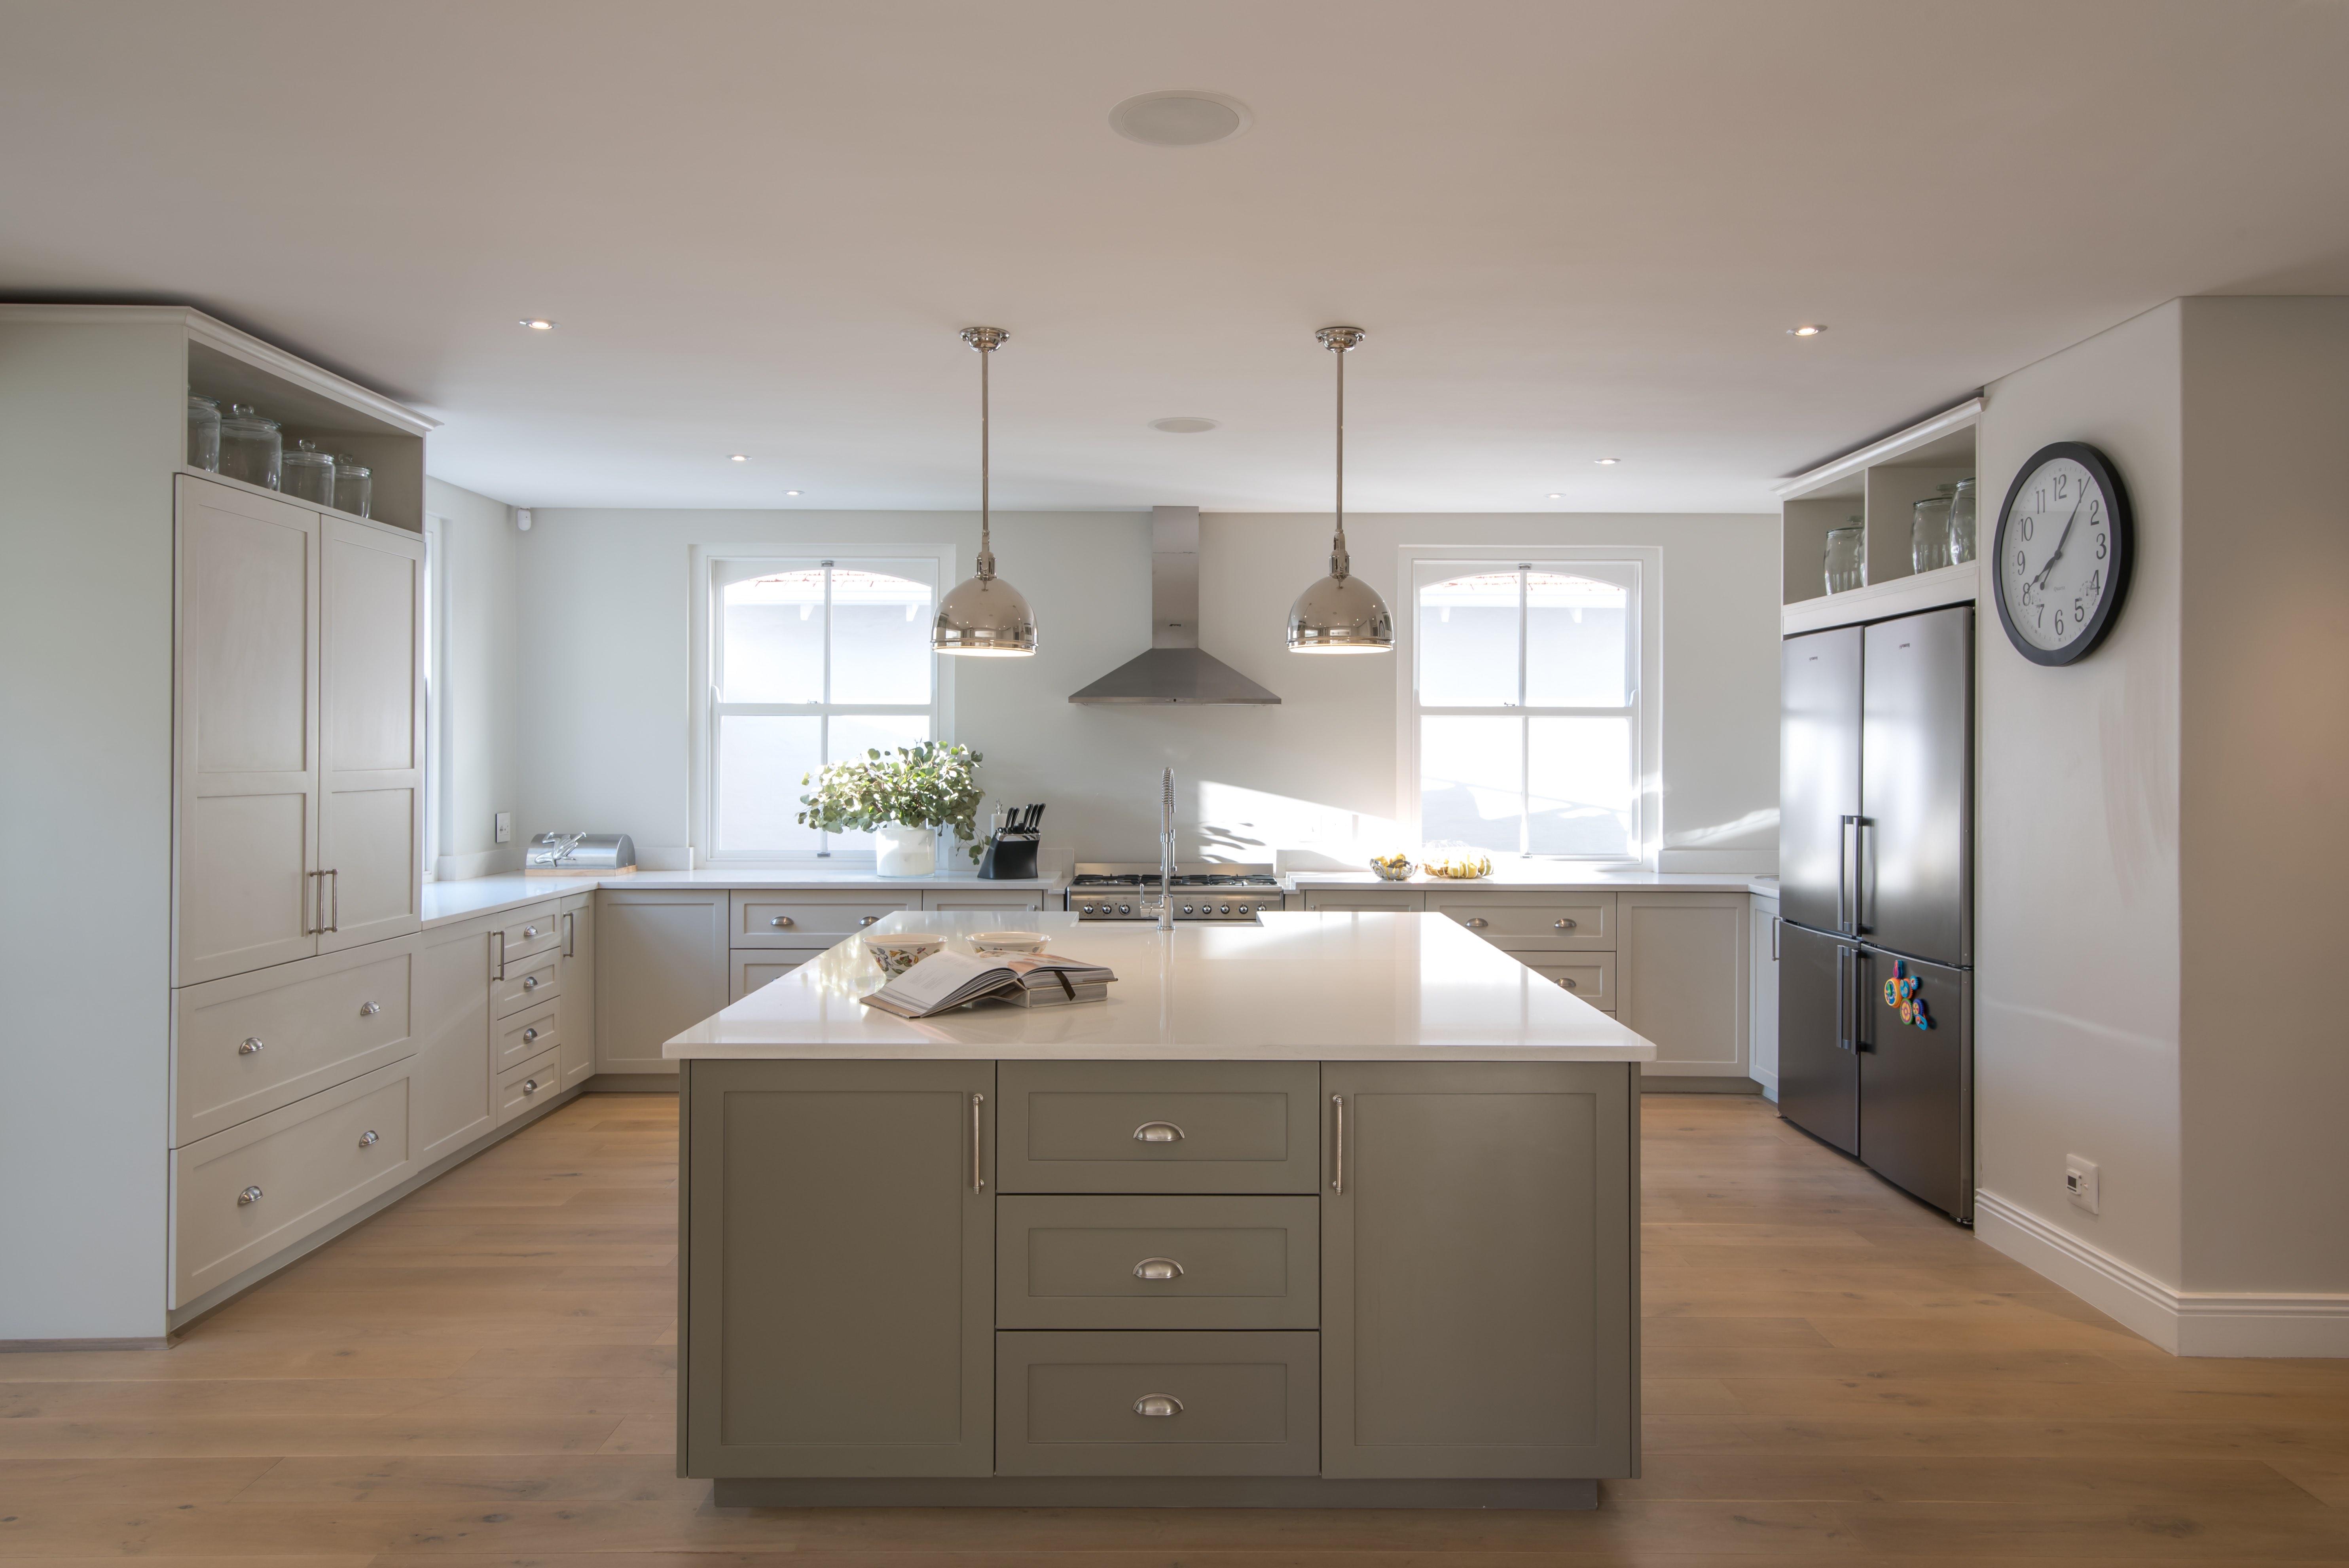 Residence illovo fundamental designs for Kitchen design za